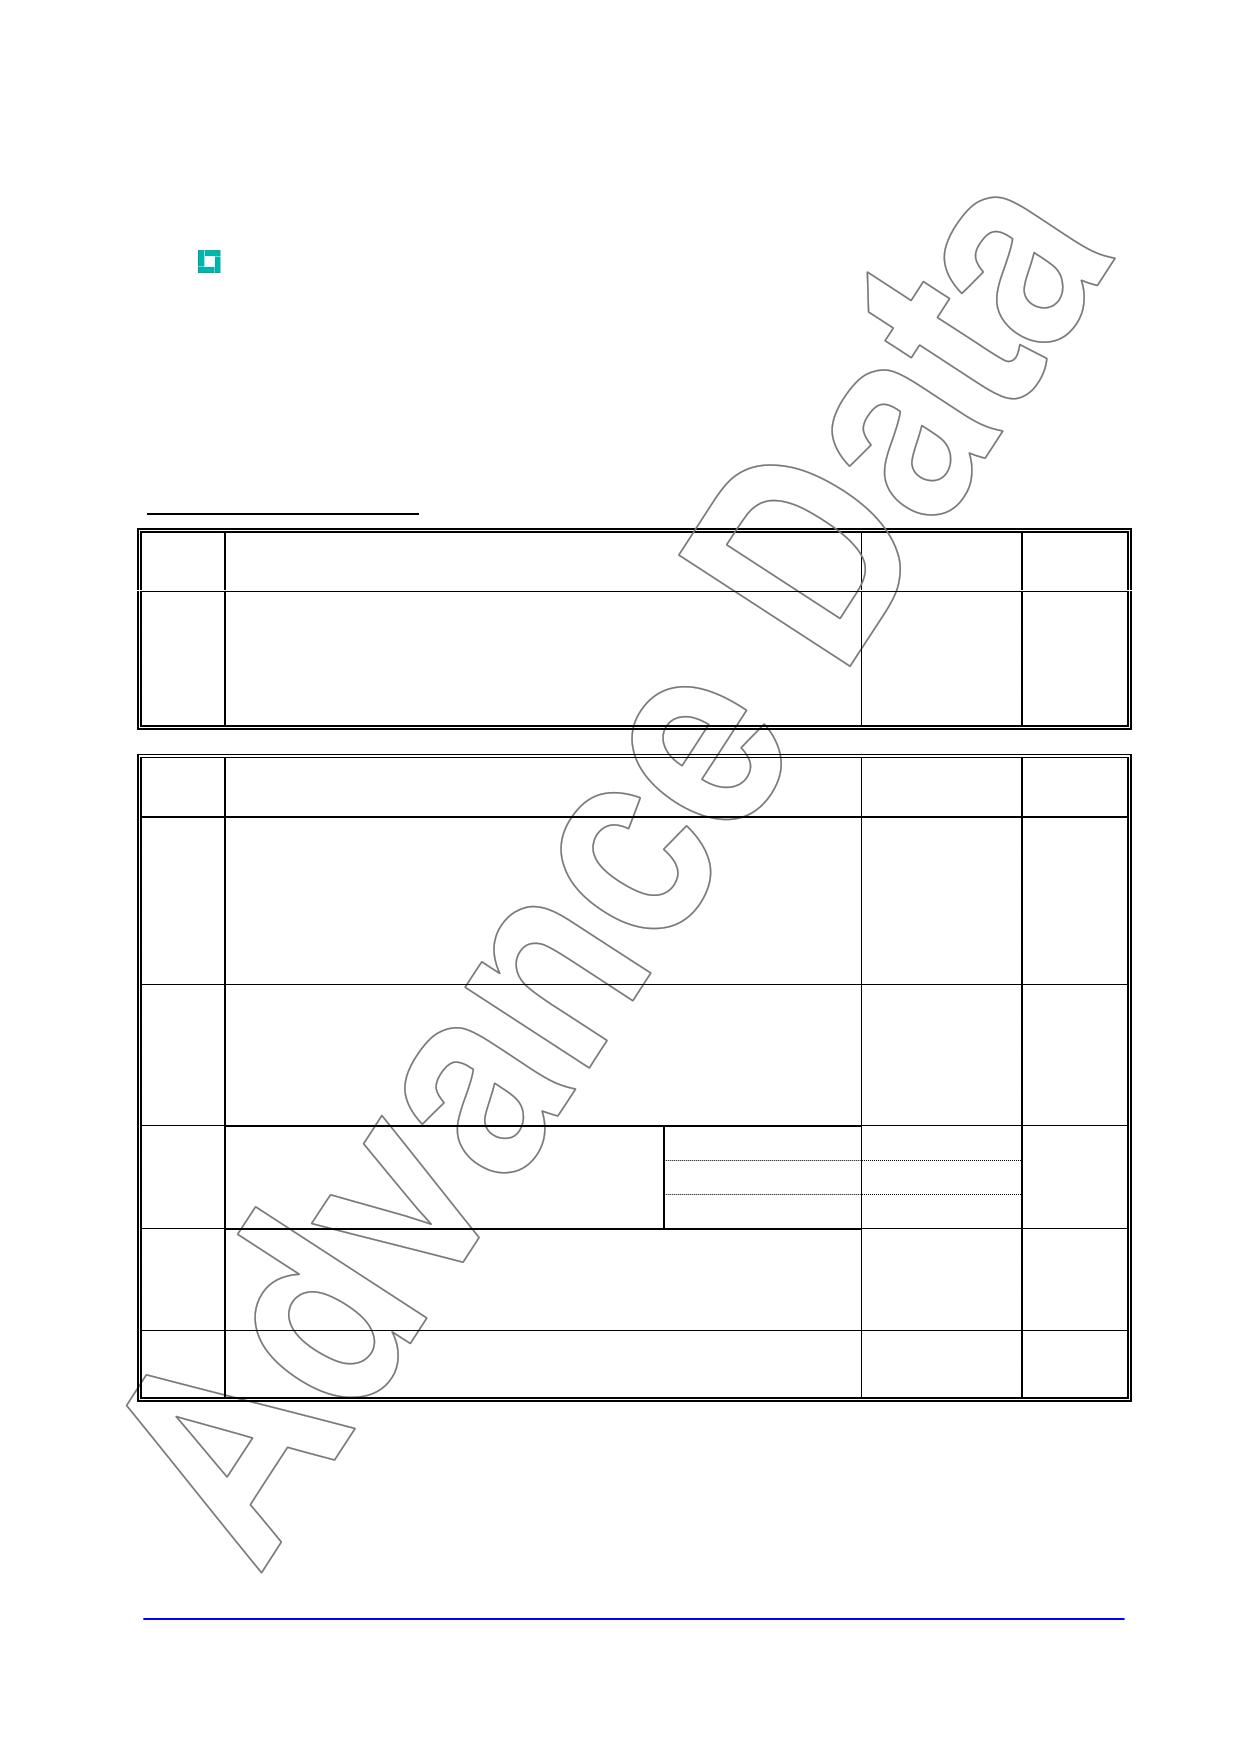 K0566LG480 datasheet